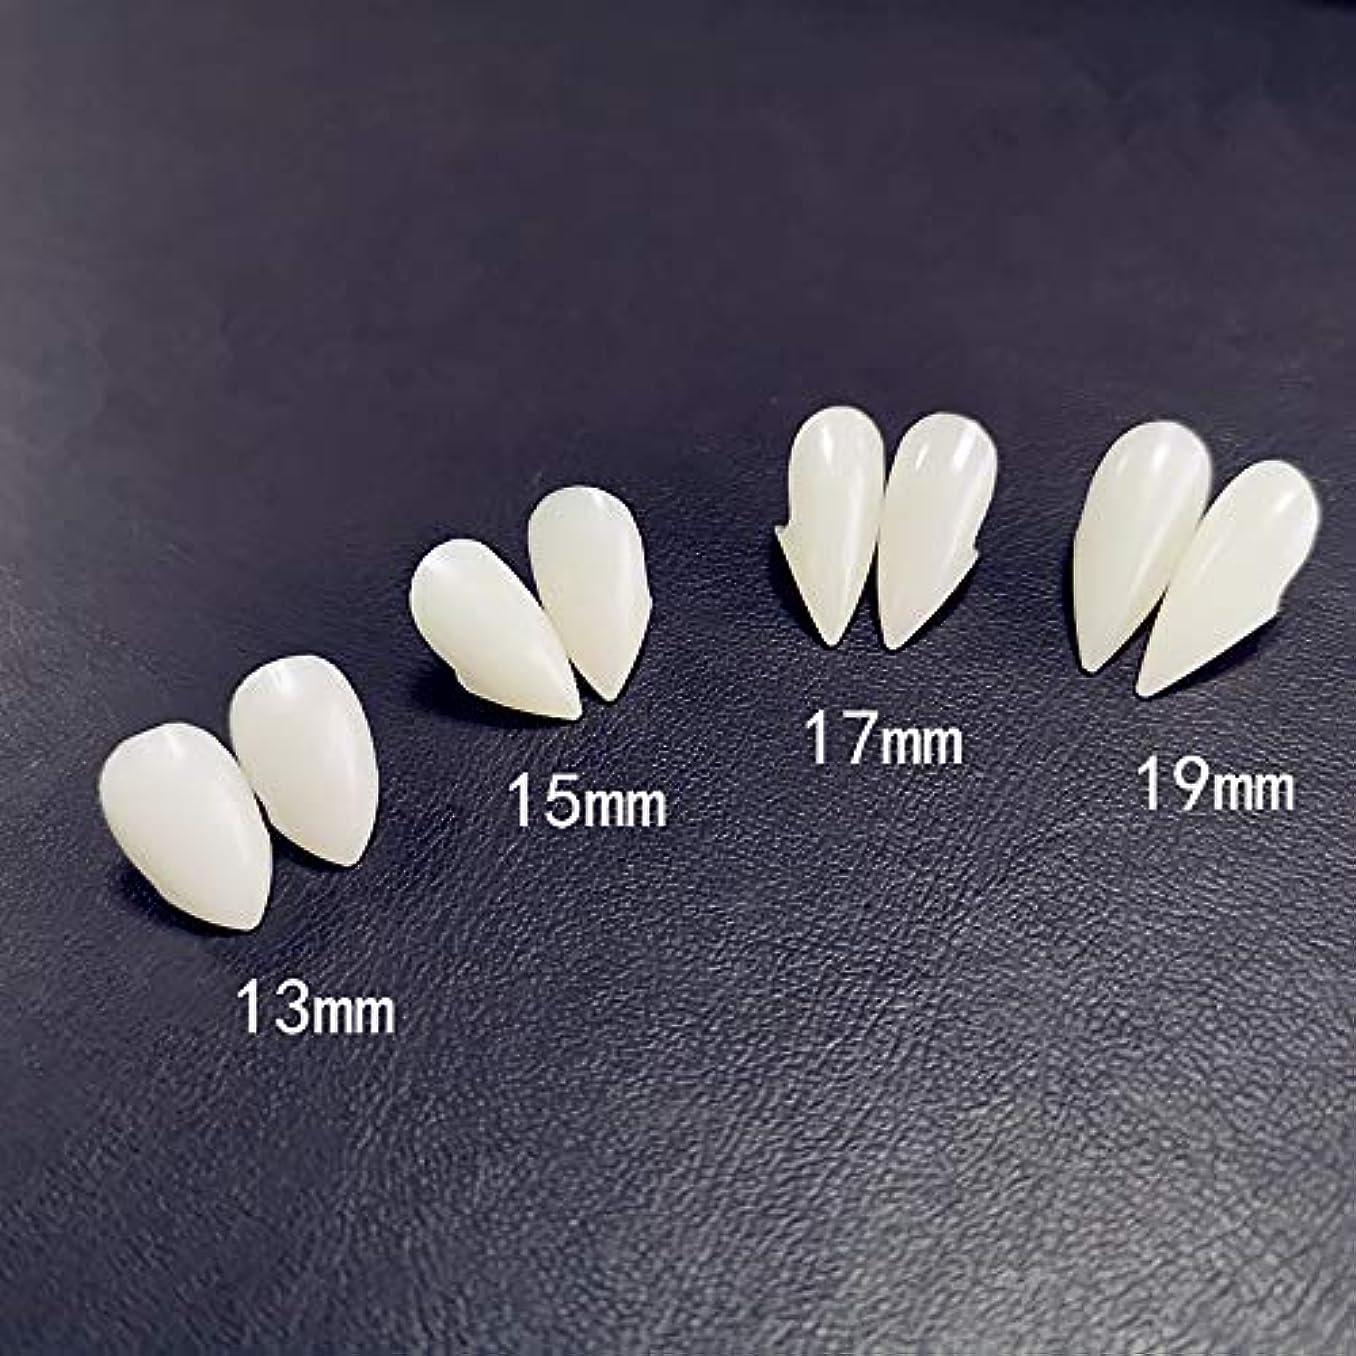 義務付けられたヨーグルト珍味6ペア牙キット歯の入れ歯歯の牙入れ歯小道具ハロウィーンの衣装小道具パーティーの好意休日DIYの装飾ホラー大人のための子供,17mm